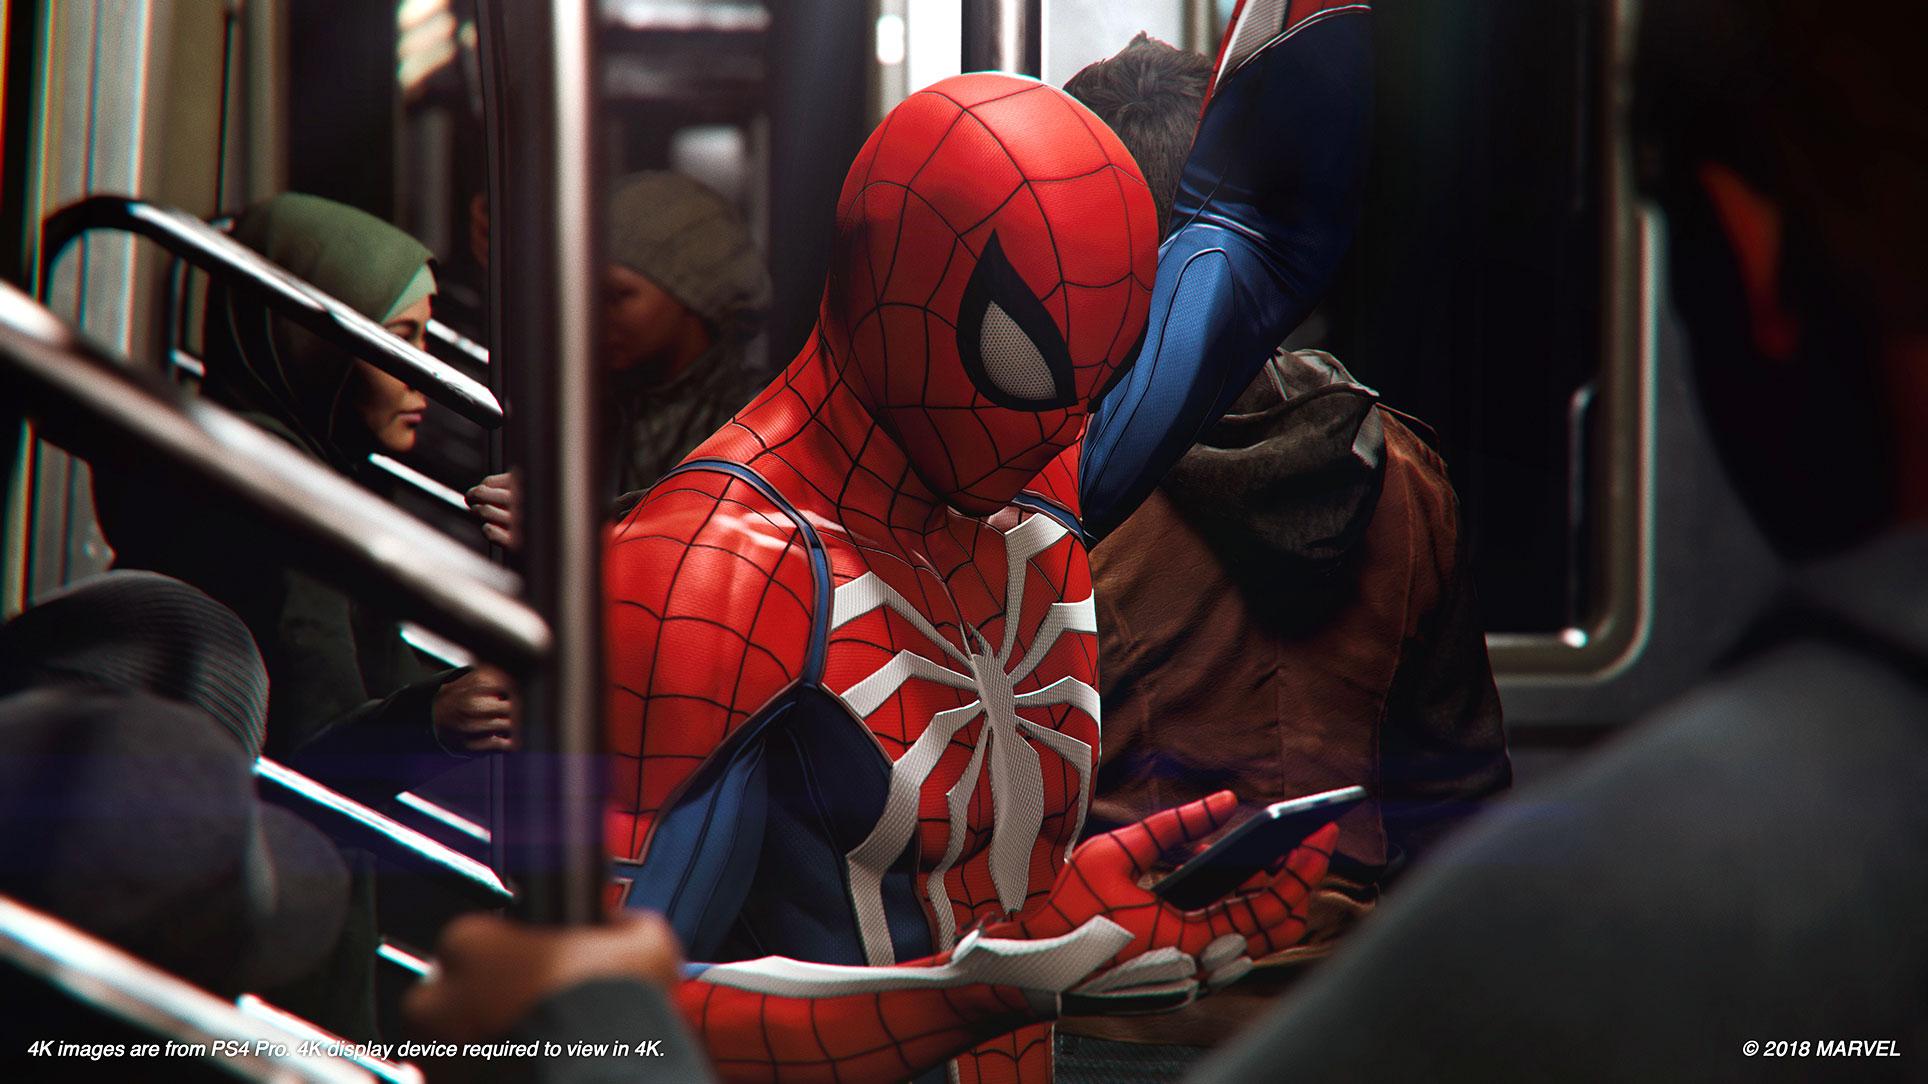 Trotz seiner Superkräfte bleibt Peter Parker ein normaler New Yorker Twen.